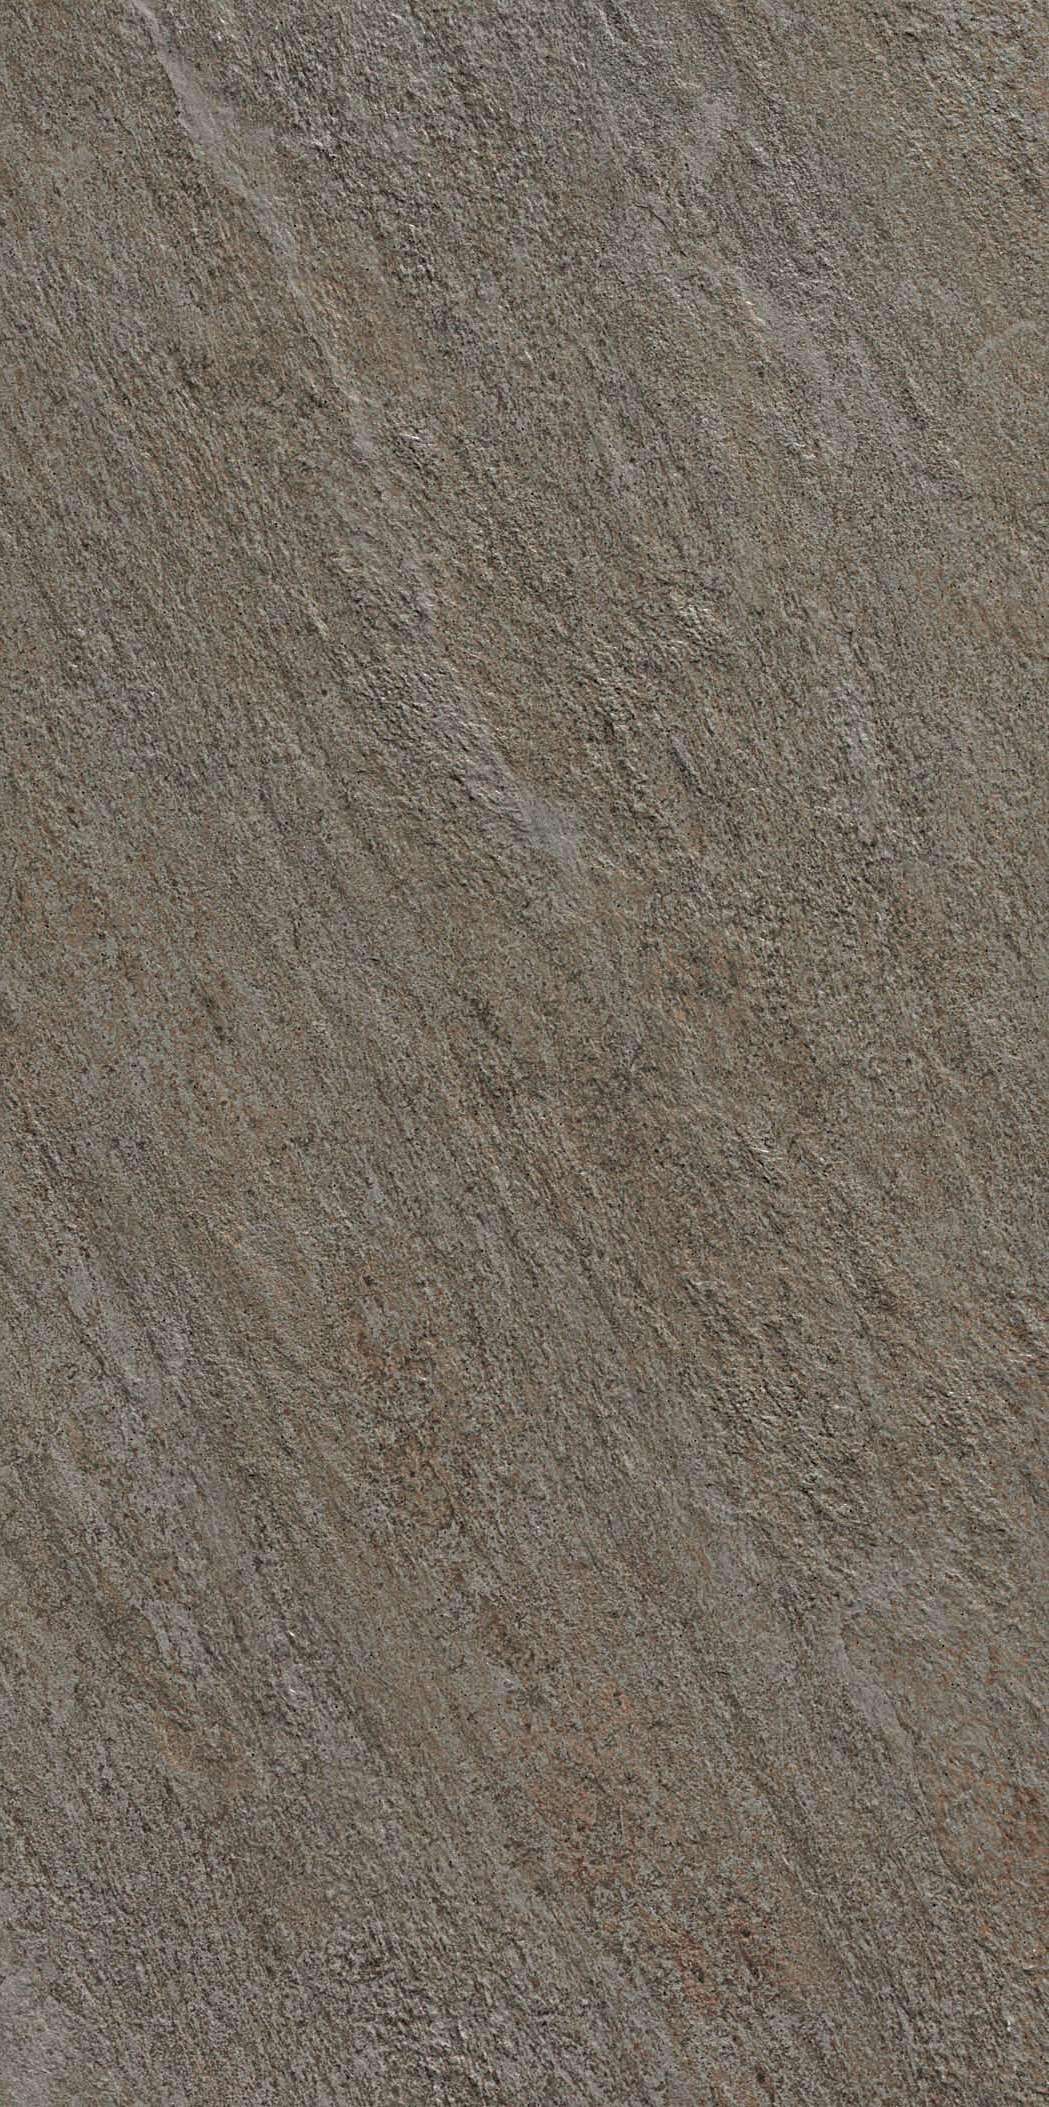 Бетон траст москва виды воды в бетонной смеси